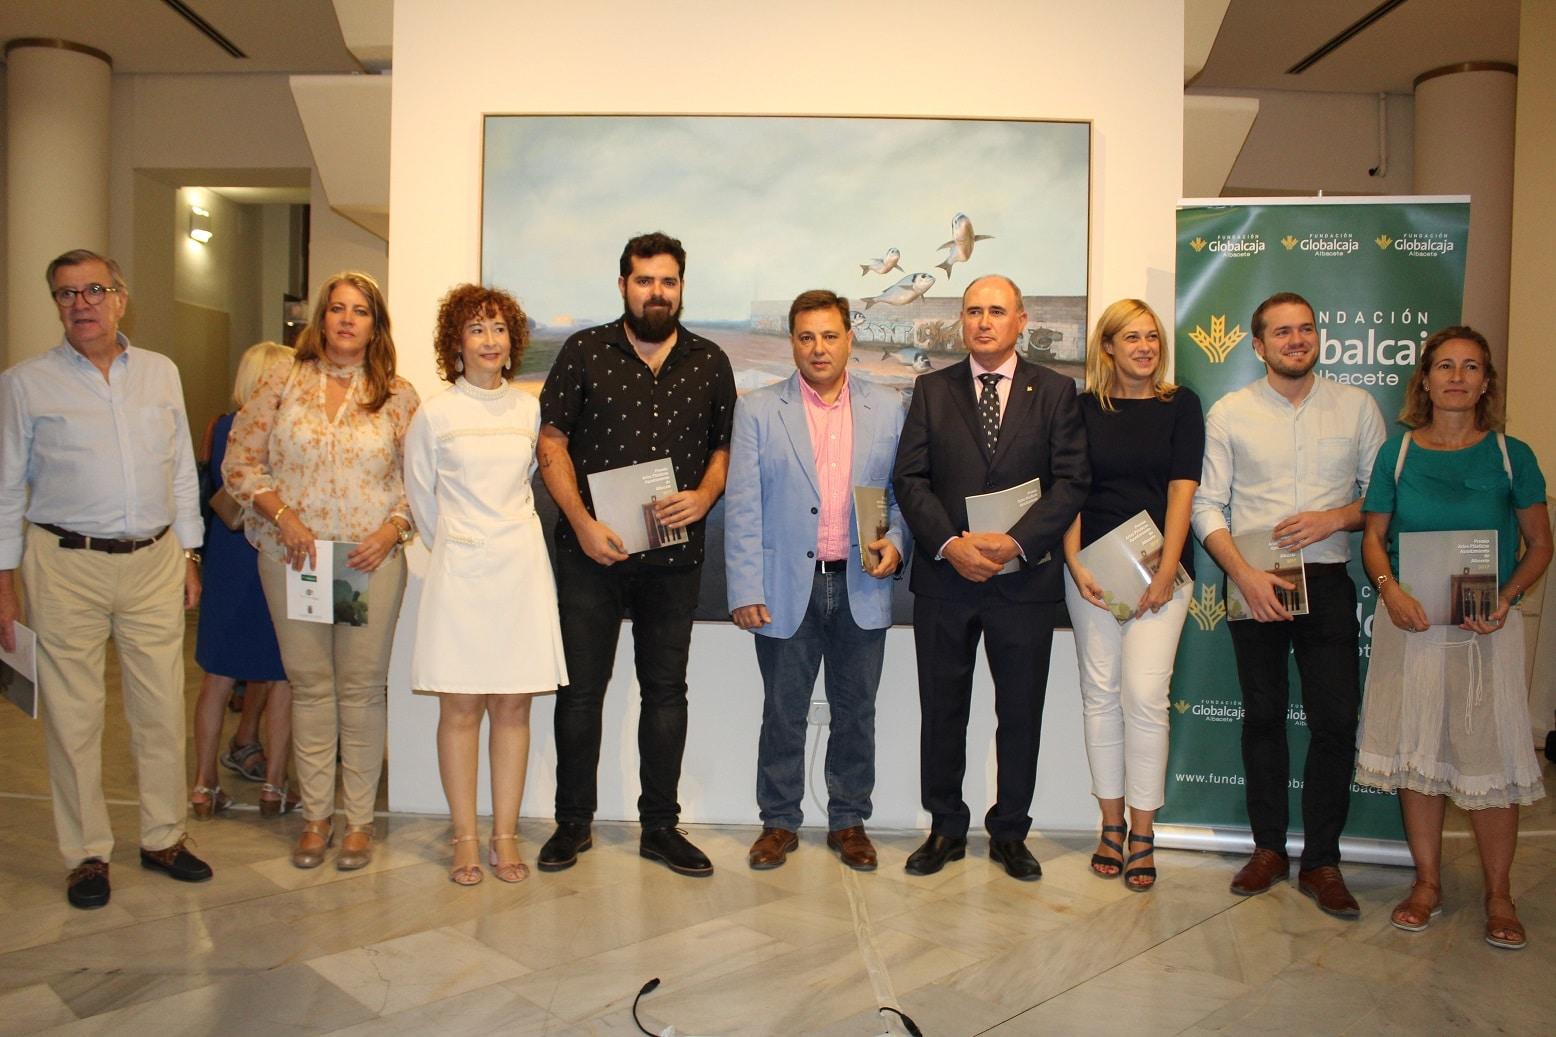 Manuel Serrano anima a los albaceteños y visitantes a disfrutar de la Exposición 'Premio Artes Plásticas' del Ayuntamiento de Albacete